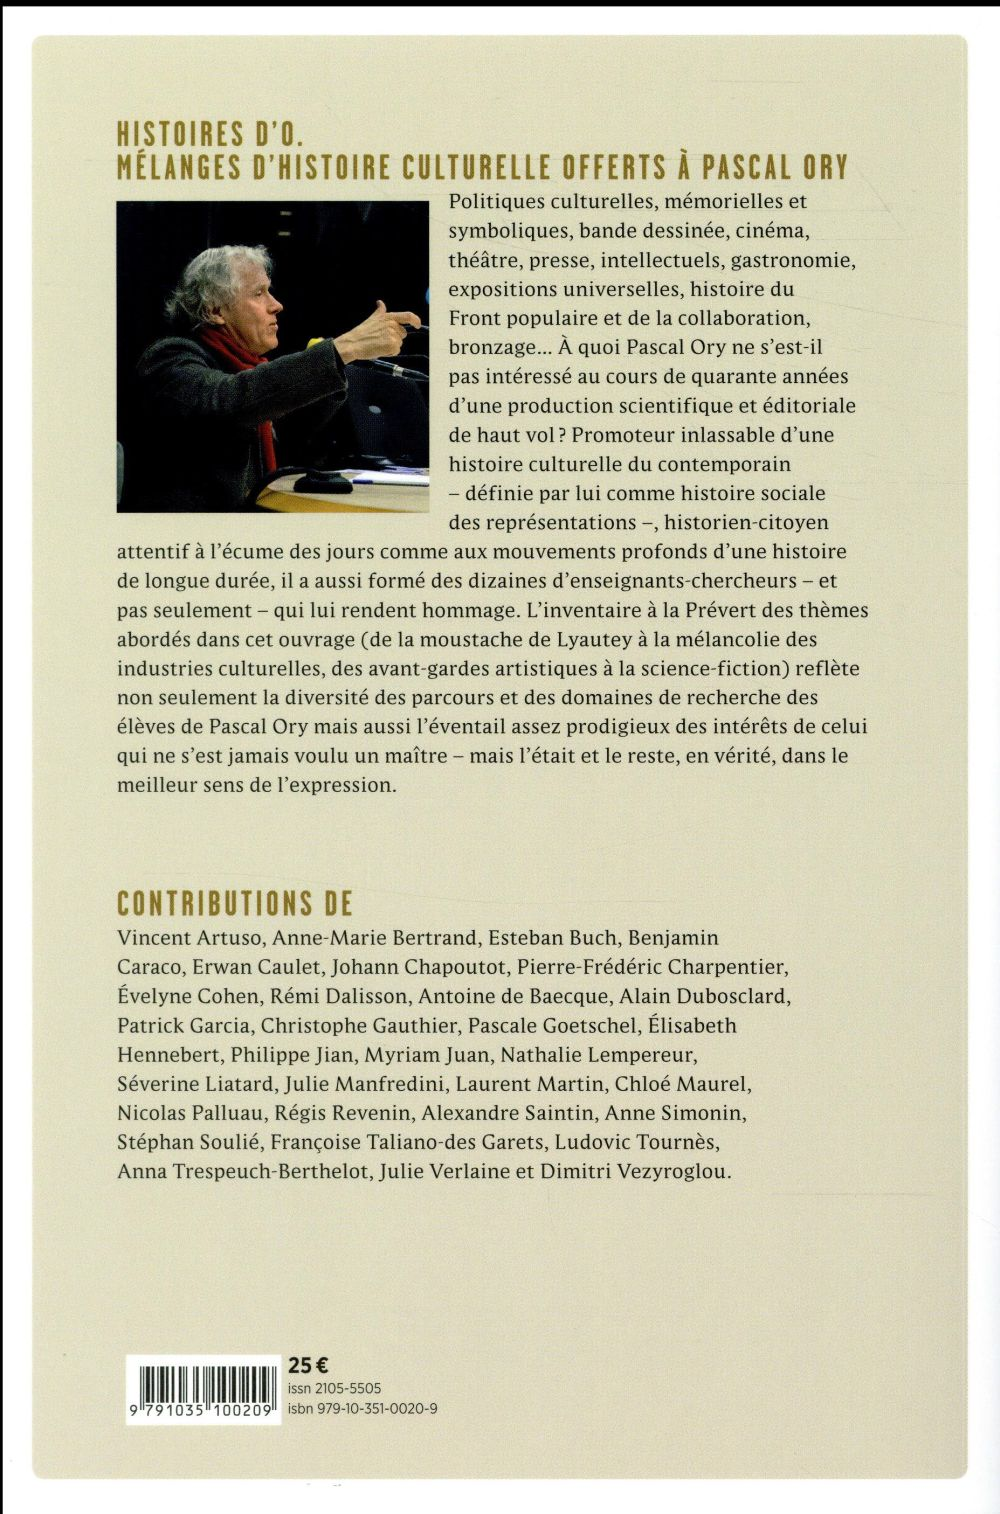 Histoires d'O. ; mélanges d'histoire culturelle offert à Pascal Ory